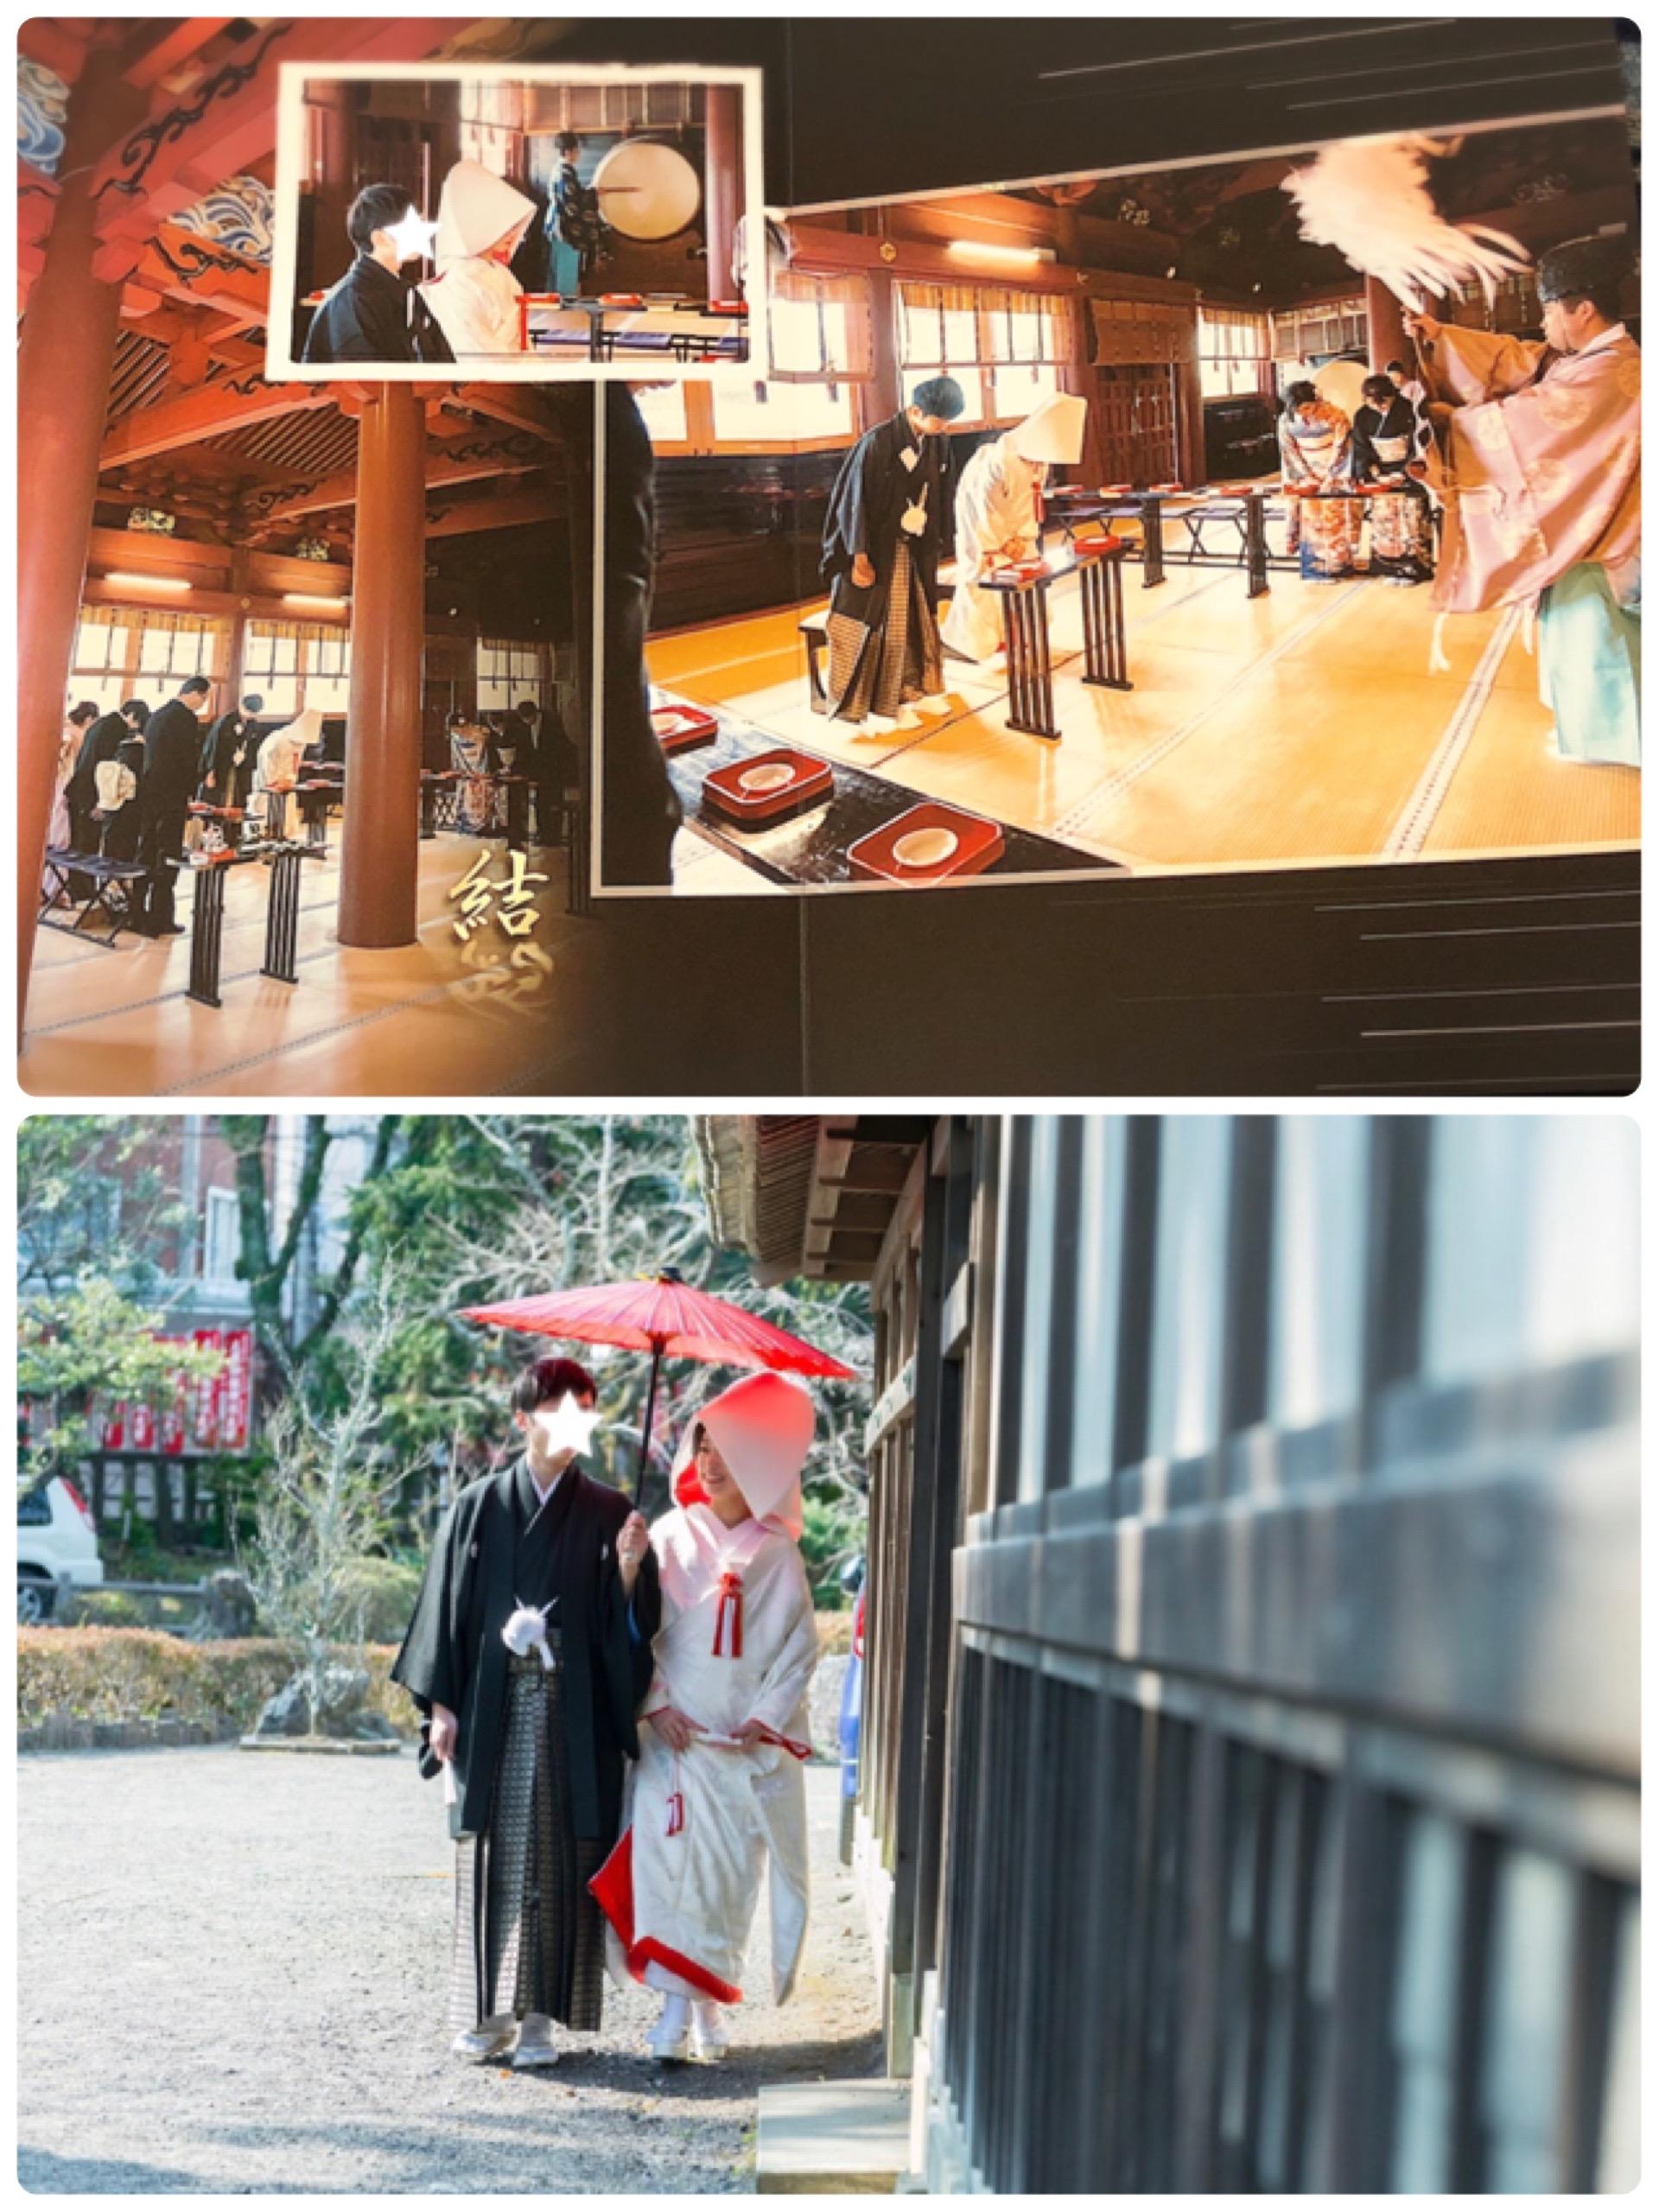 結婚式におすすめの式場・リング・ドレス・ブーケまとめ - 演出アイデアや先輩花嫁のウェディングレポもチェック_5